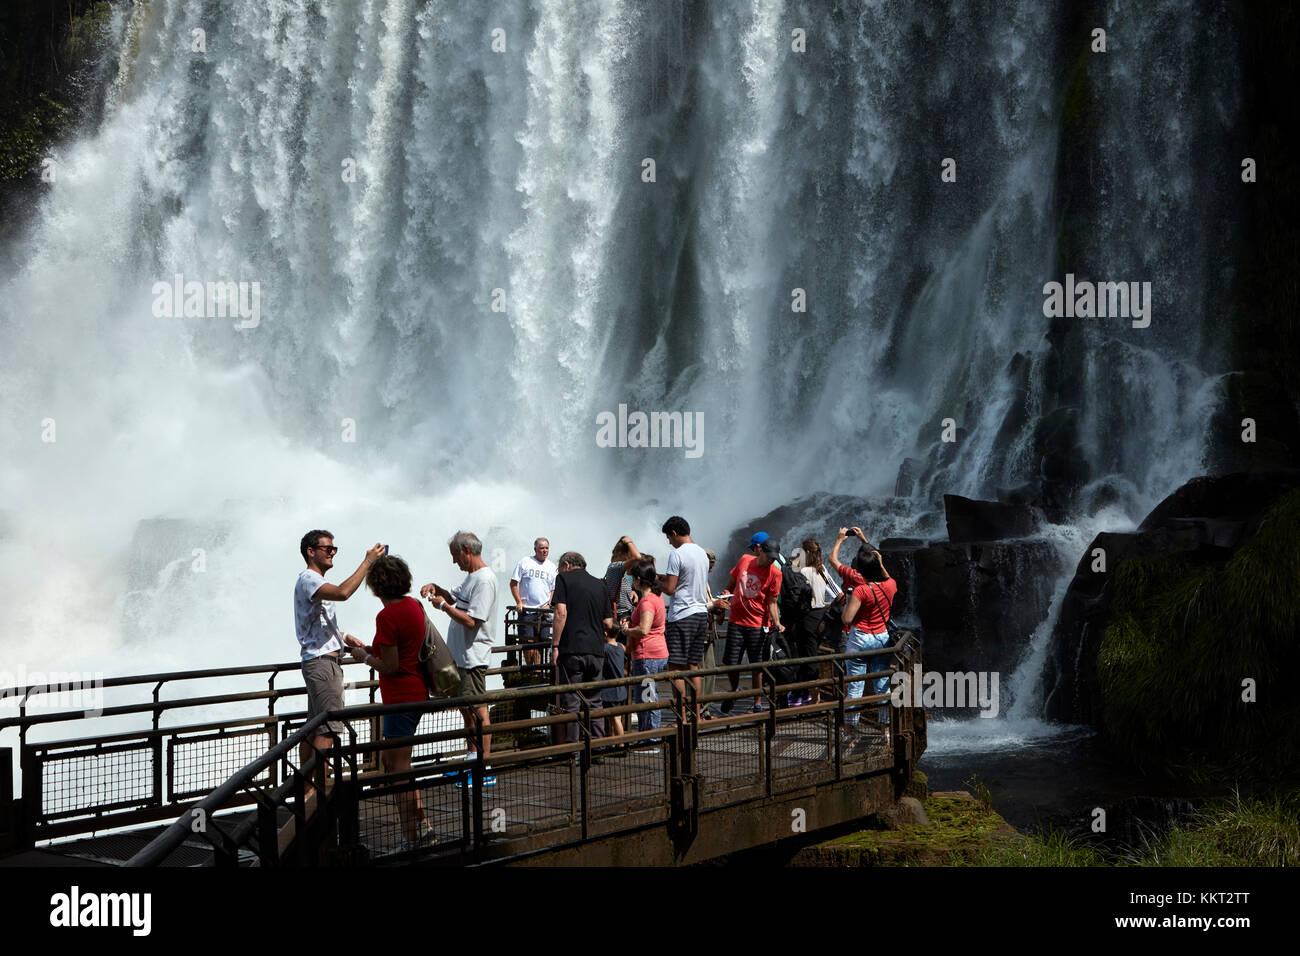 Touristen auf Ausblick von Iguazu Wasserfälle, Argentinien - Brasilien, Südamerika Stockbild